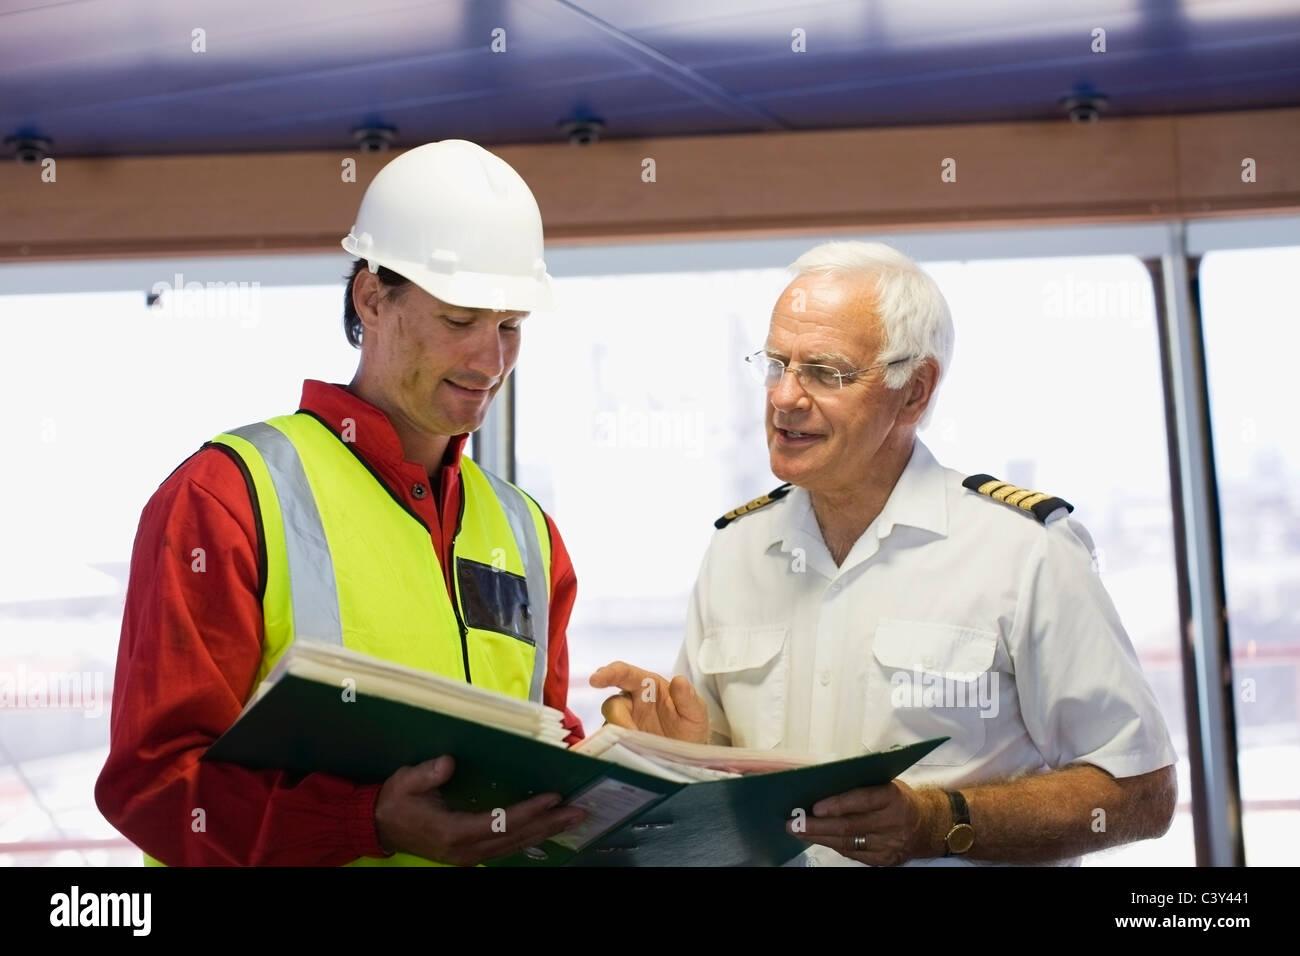 Kapitän ein Schiff mit einer Arbeit zu diskutieren Stockbild